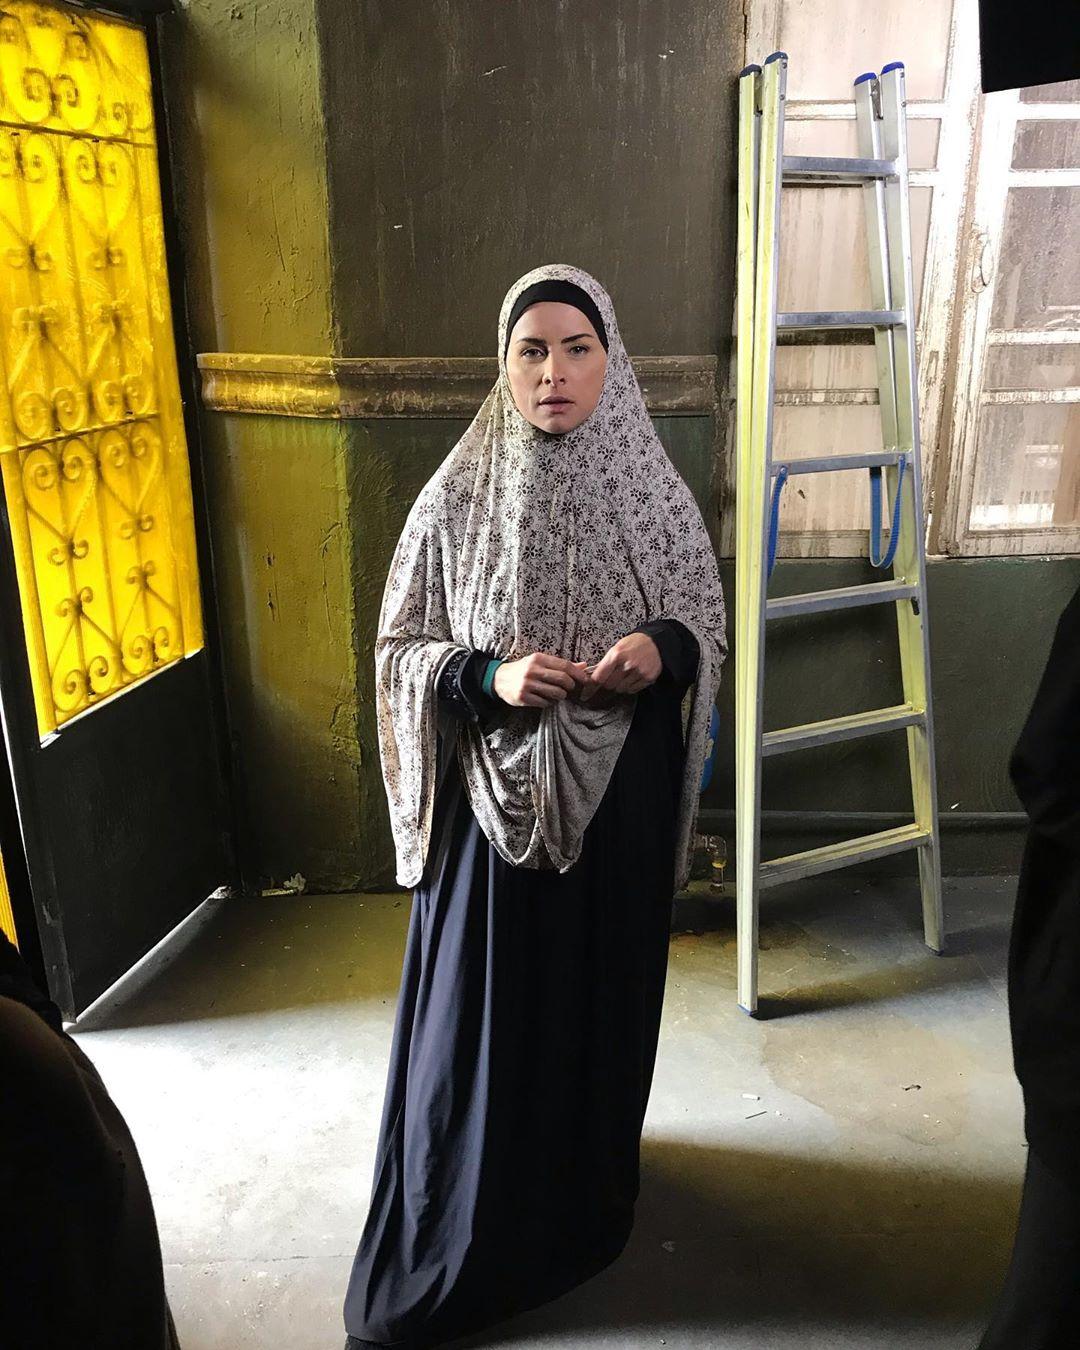 الفنانة نور بالحجاب داخل كواليس مسلسل البرنس